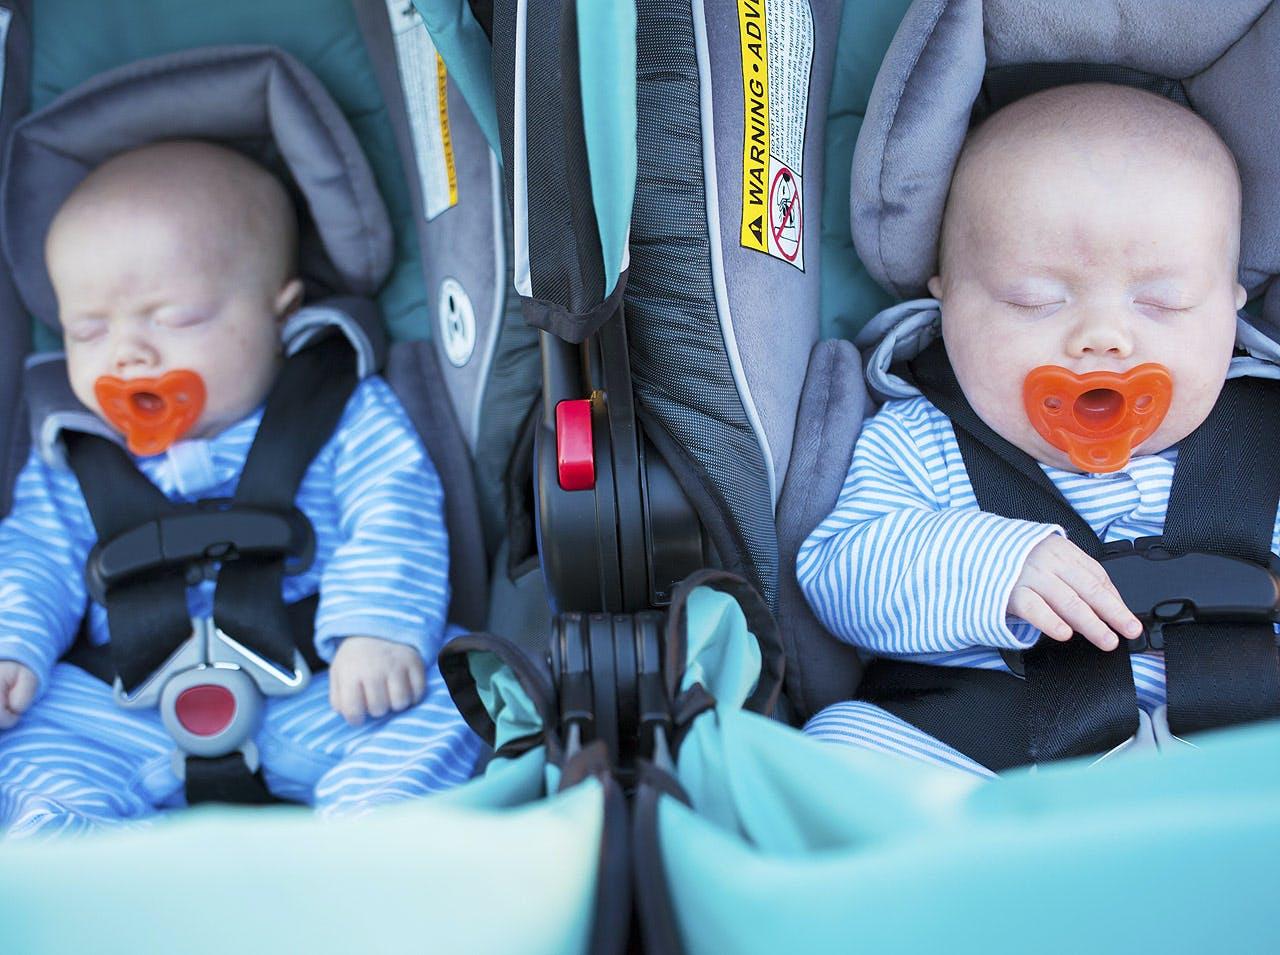 Quel Equipement Est Necessaire Pour Accueillir Des Jumeaux